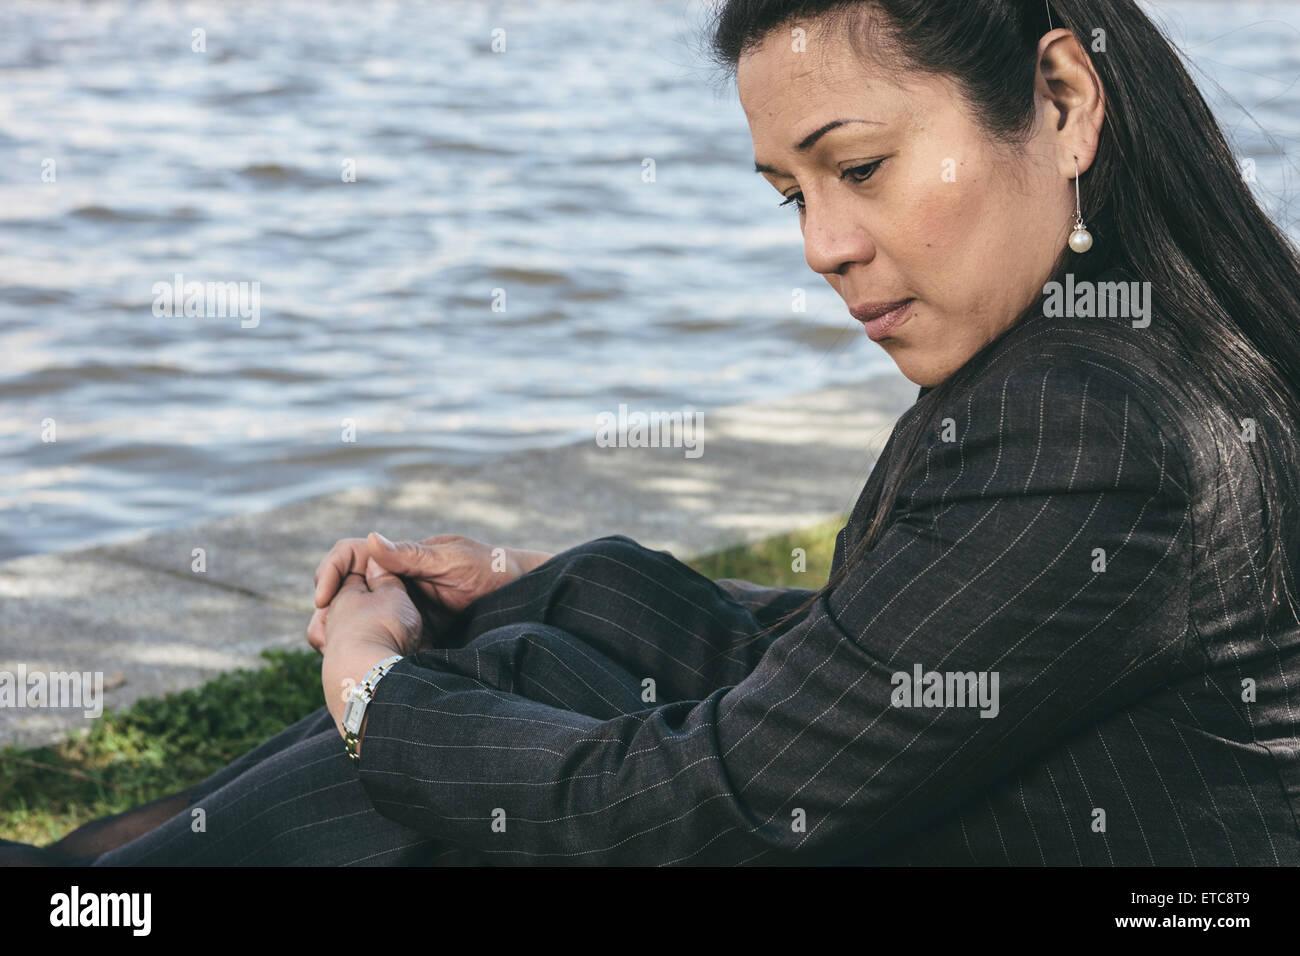 Retrato de una mujer transexual en pose pensativa Foto de stock